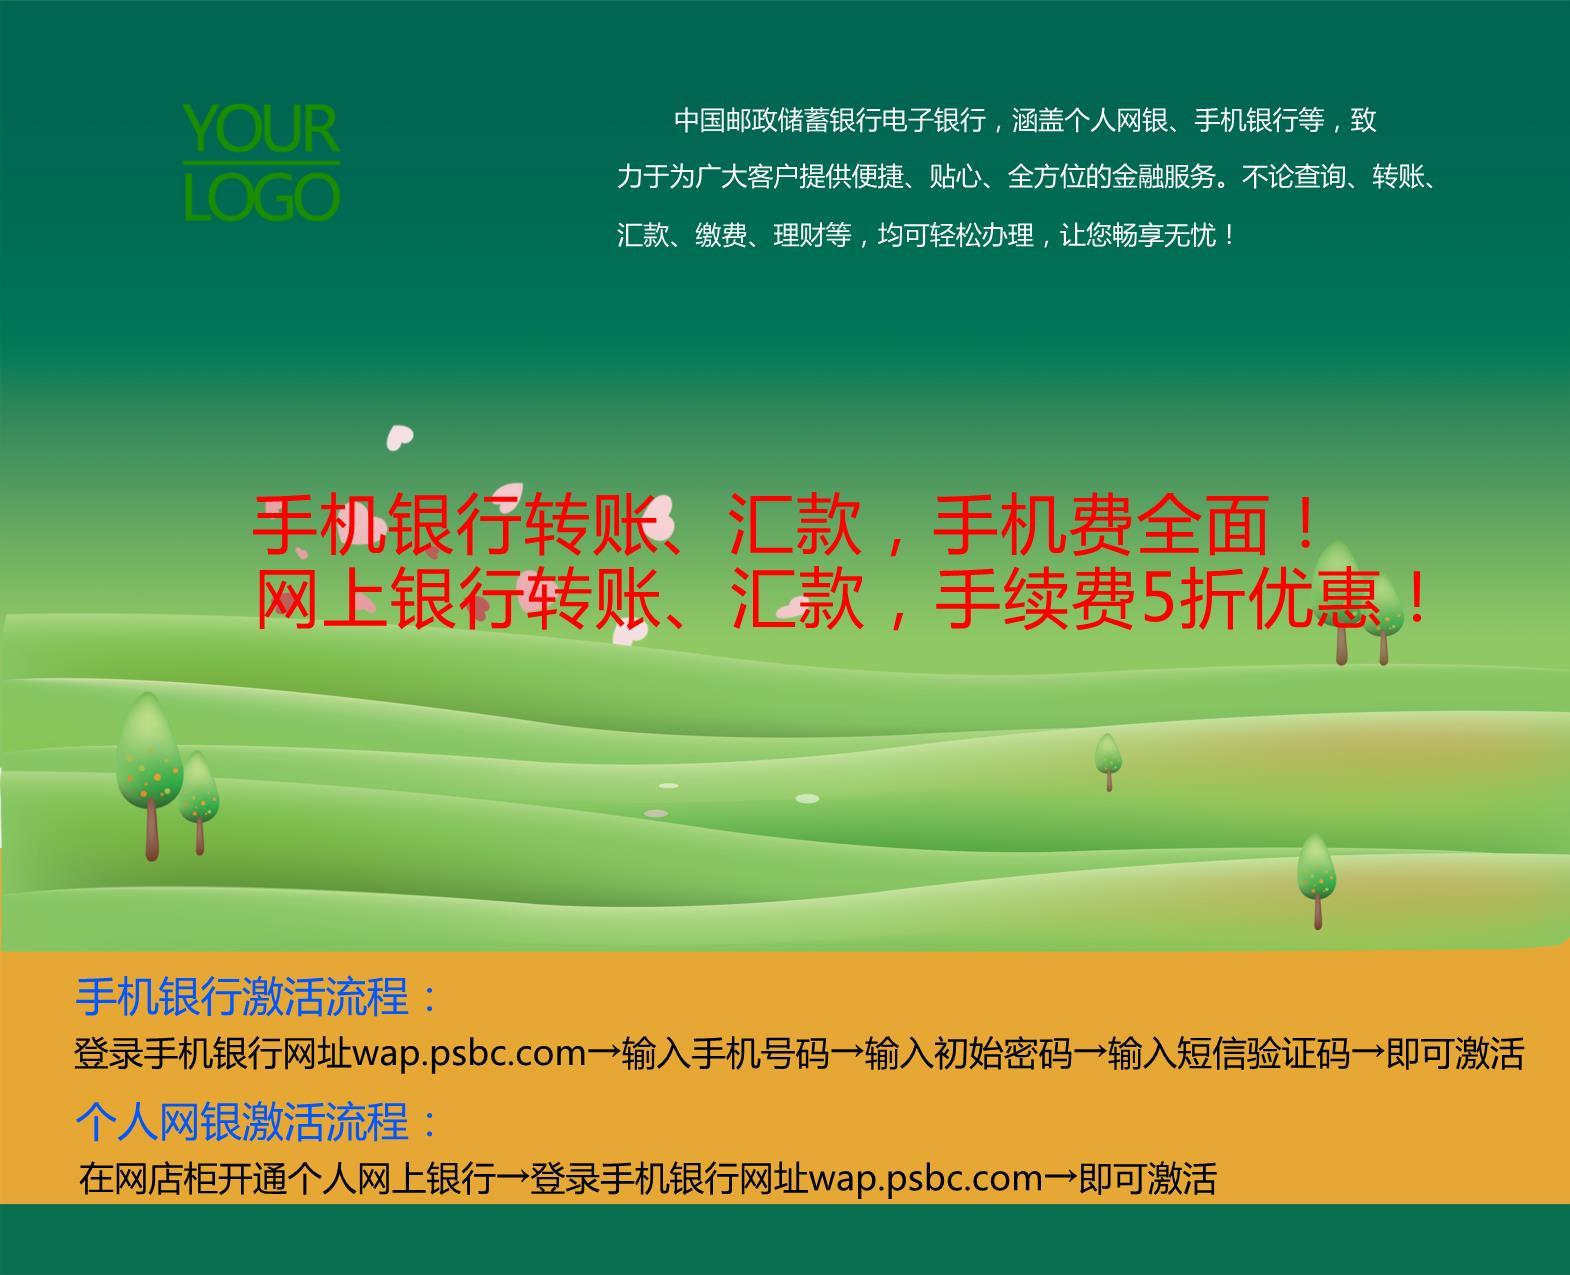 绿色中国邮政储蓄银行广告鼠标垫模板下载